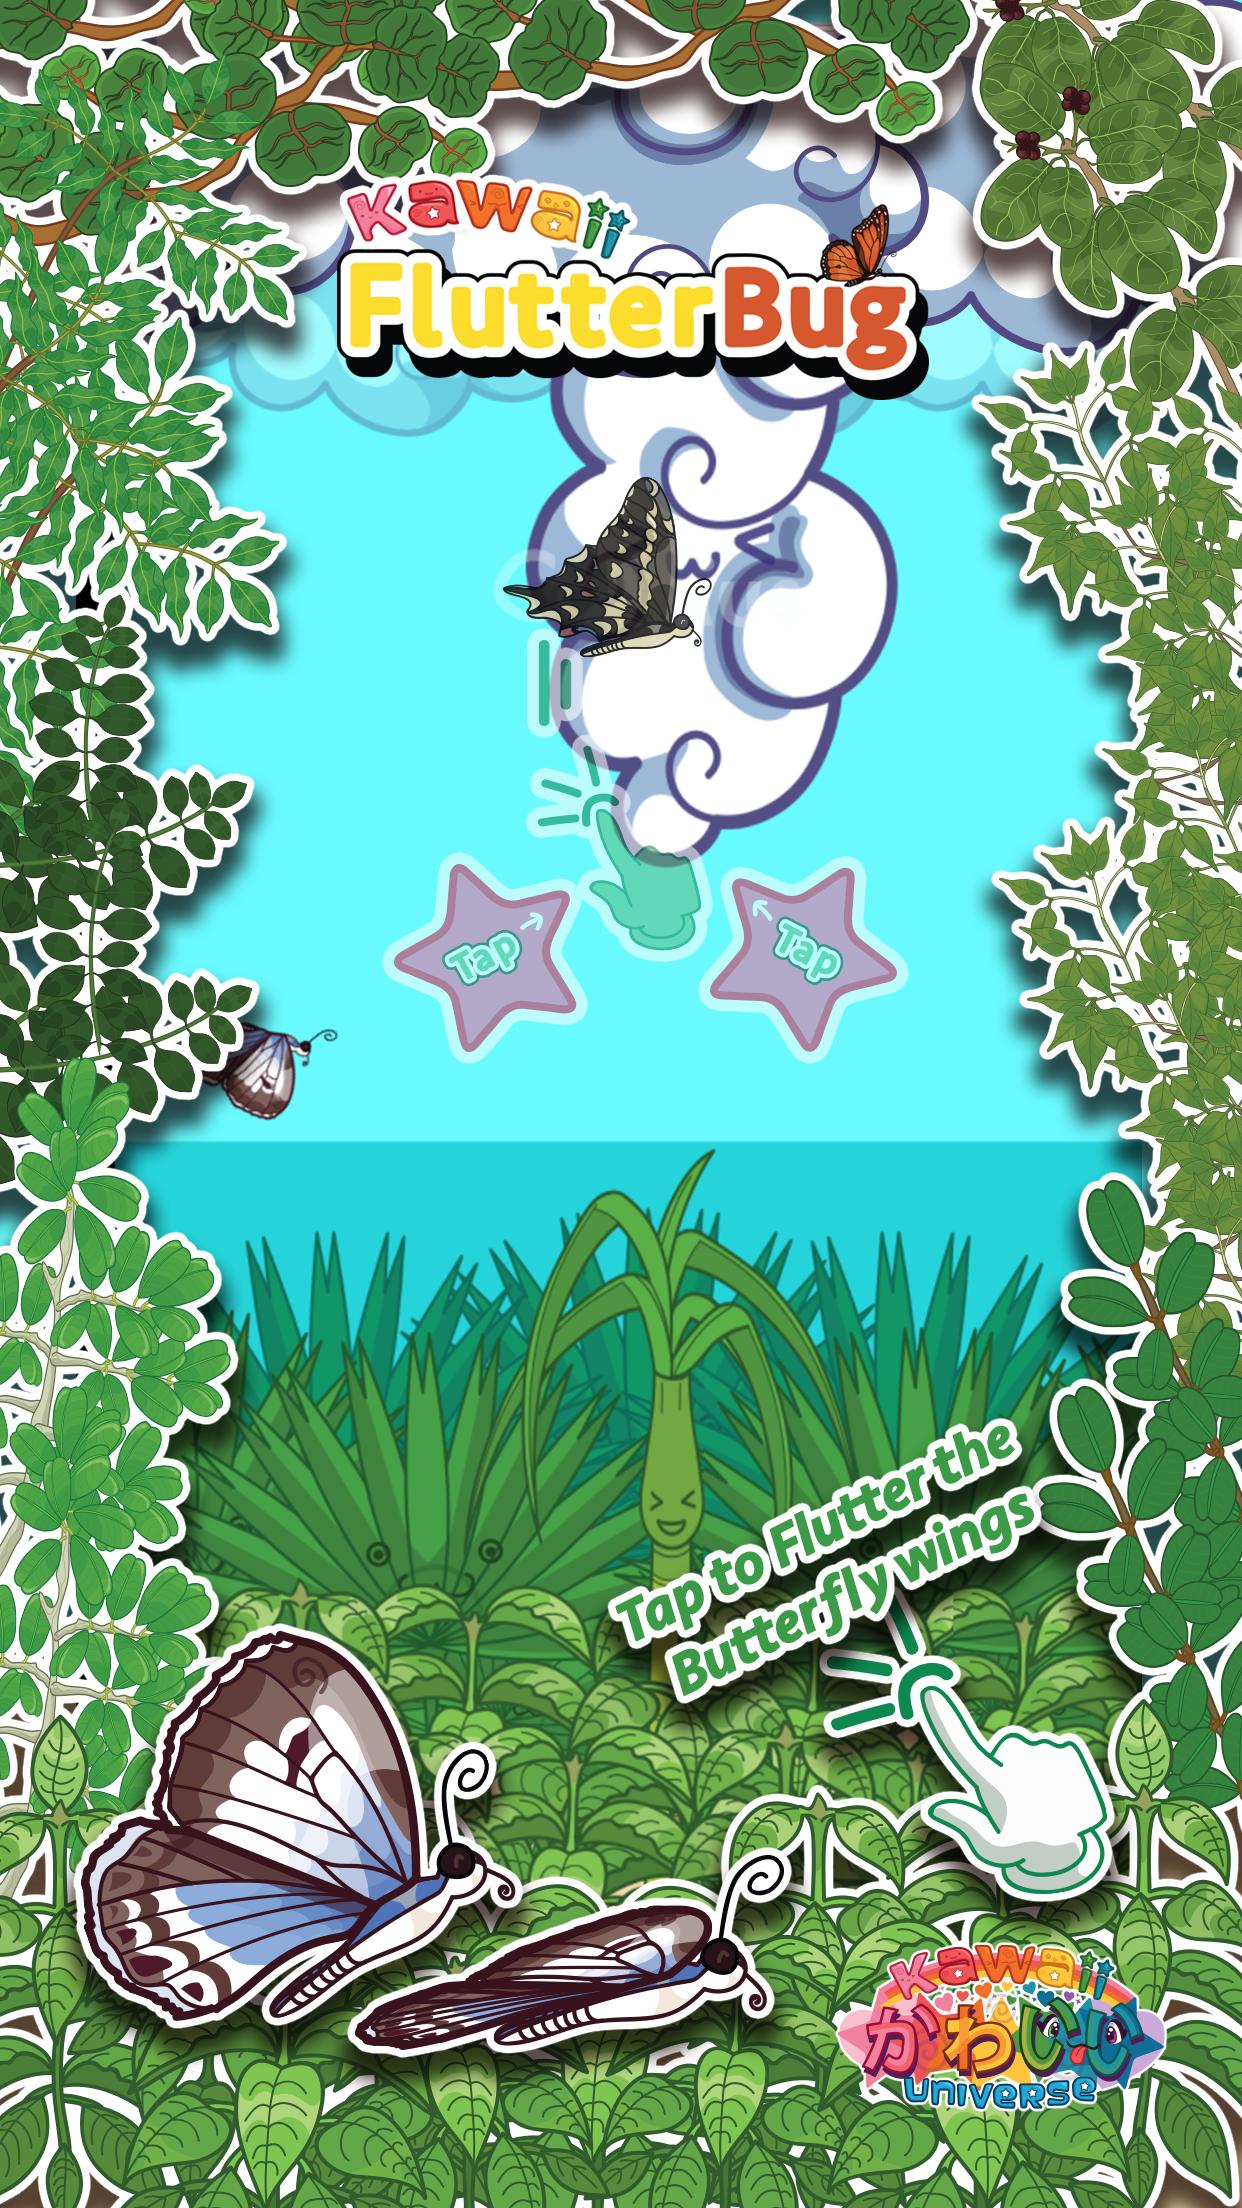 KU-kawaii-flutterBug-screenshot-iPhone-5-03.png